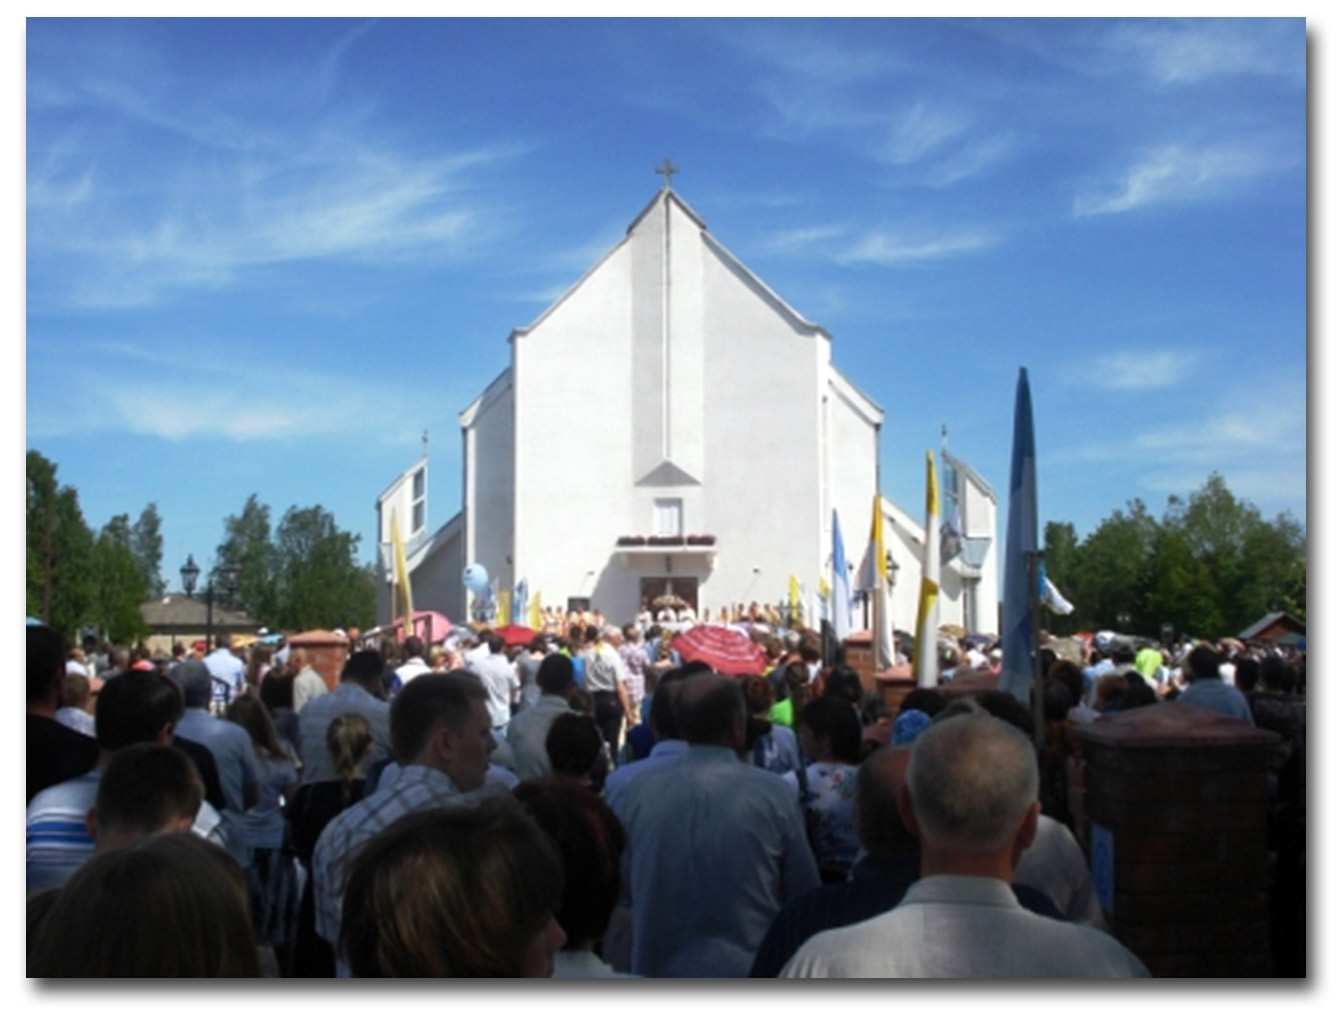 Zdjęcie pobrano z credo-ua.org